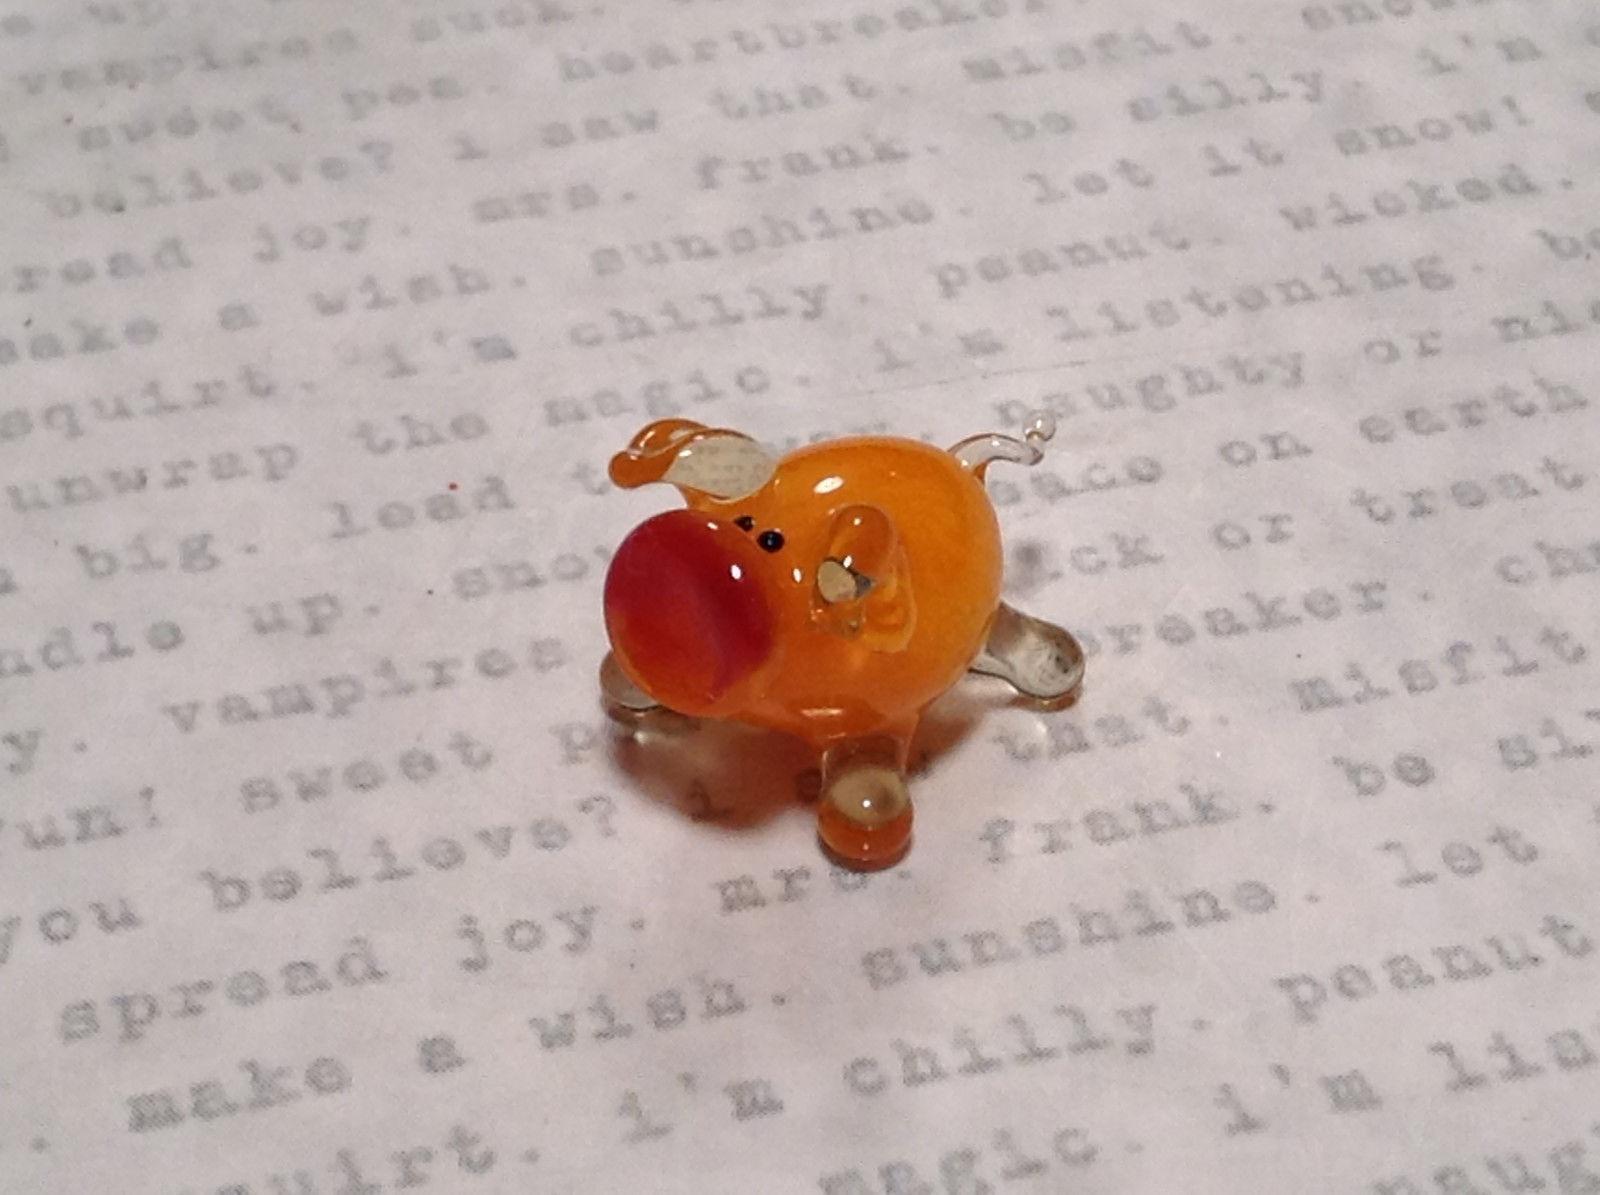 Cute Hand Blown Glass Mini Figurine Orange Piglet Made in USA